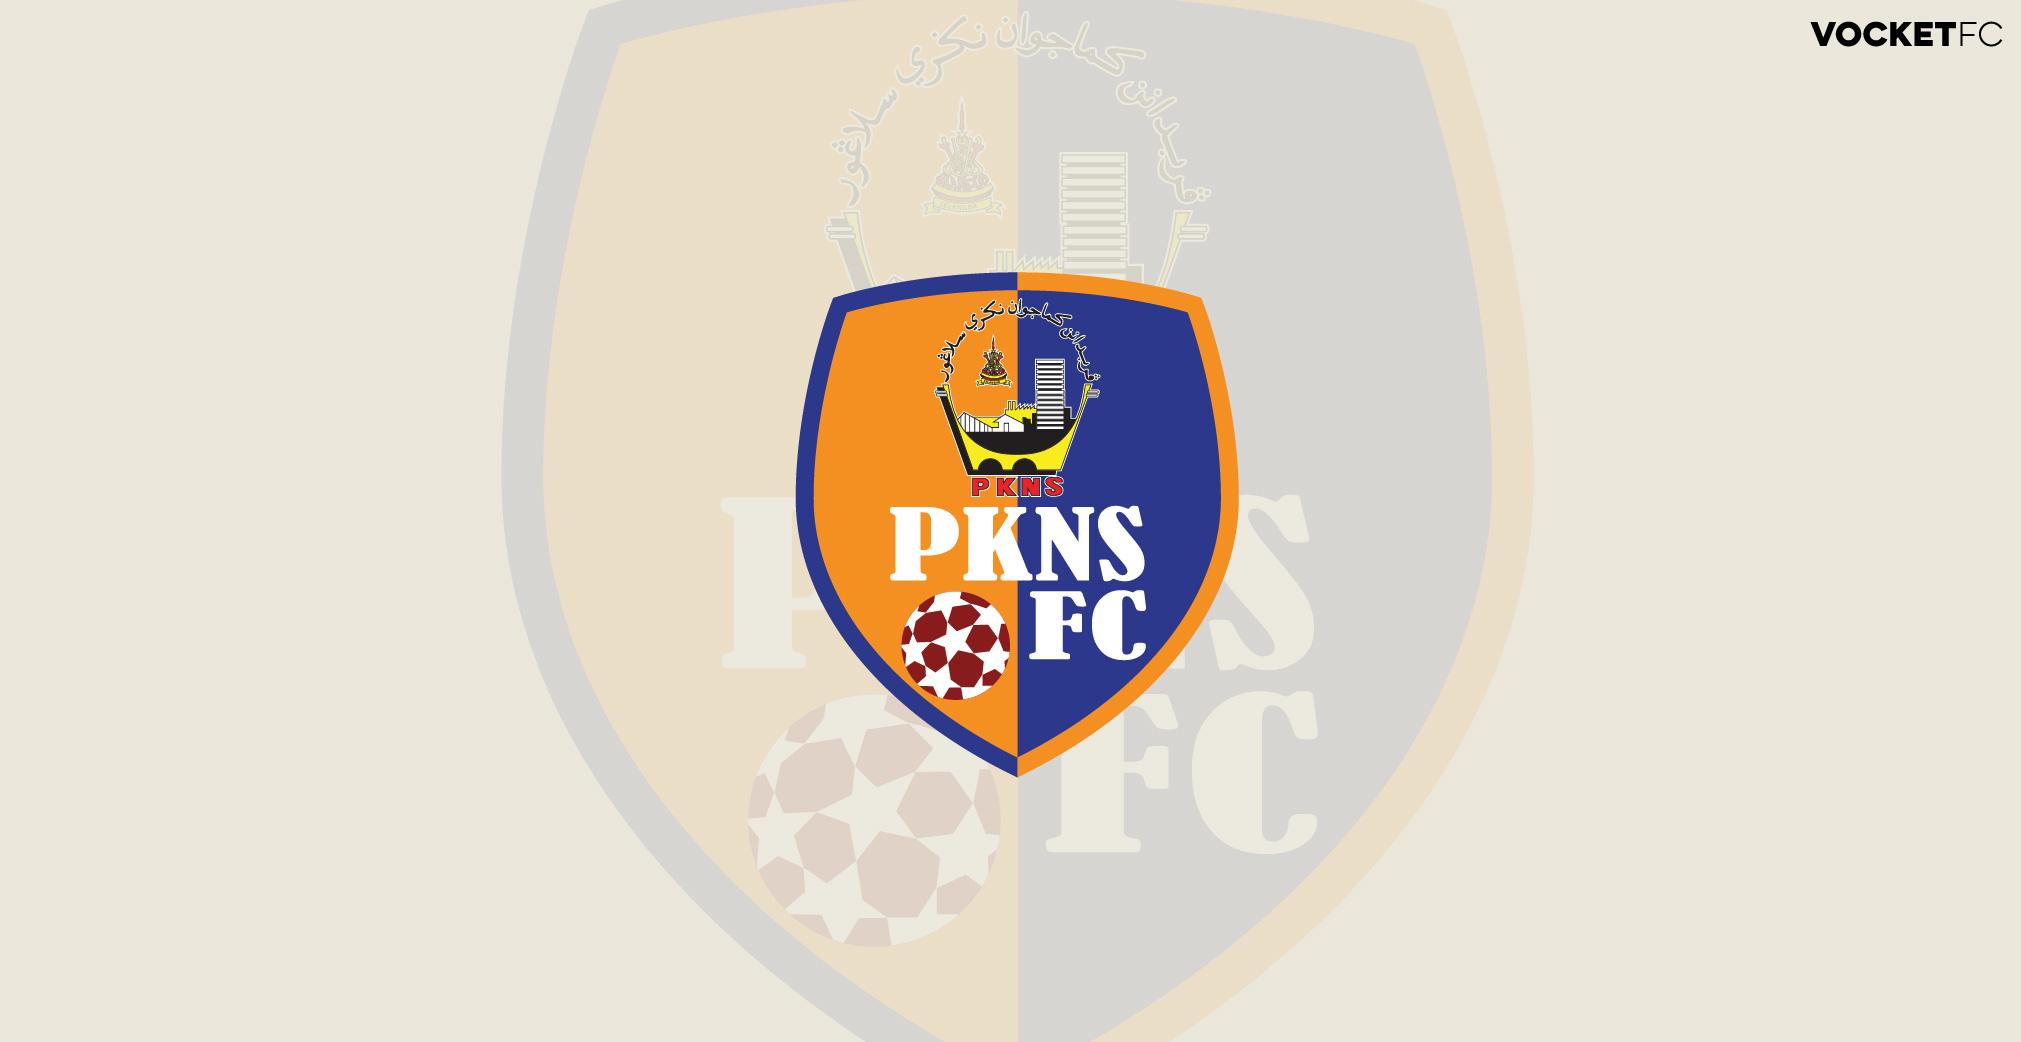 PKNS FC-01